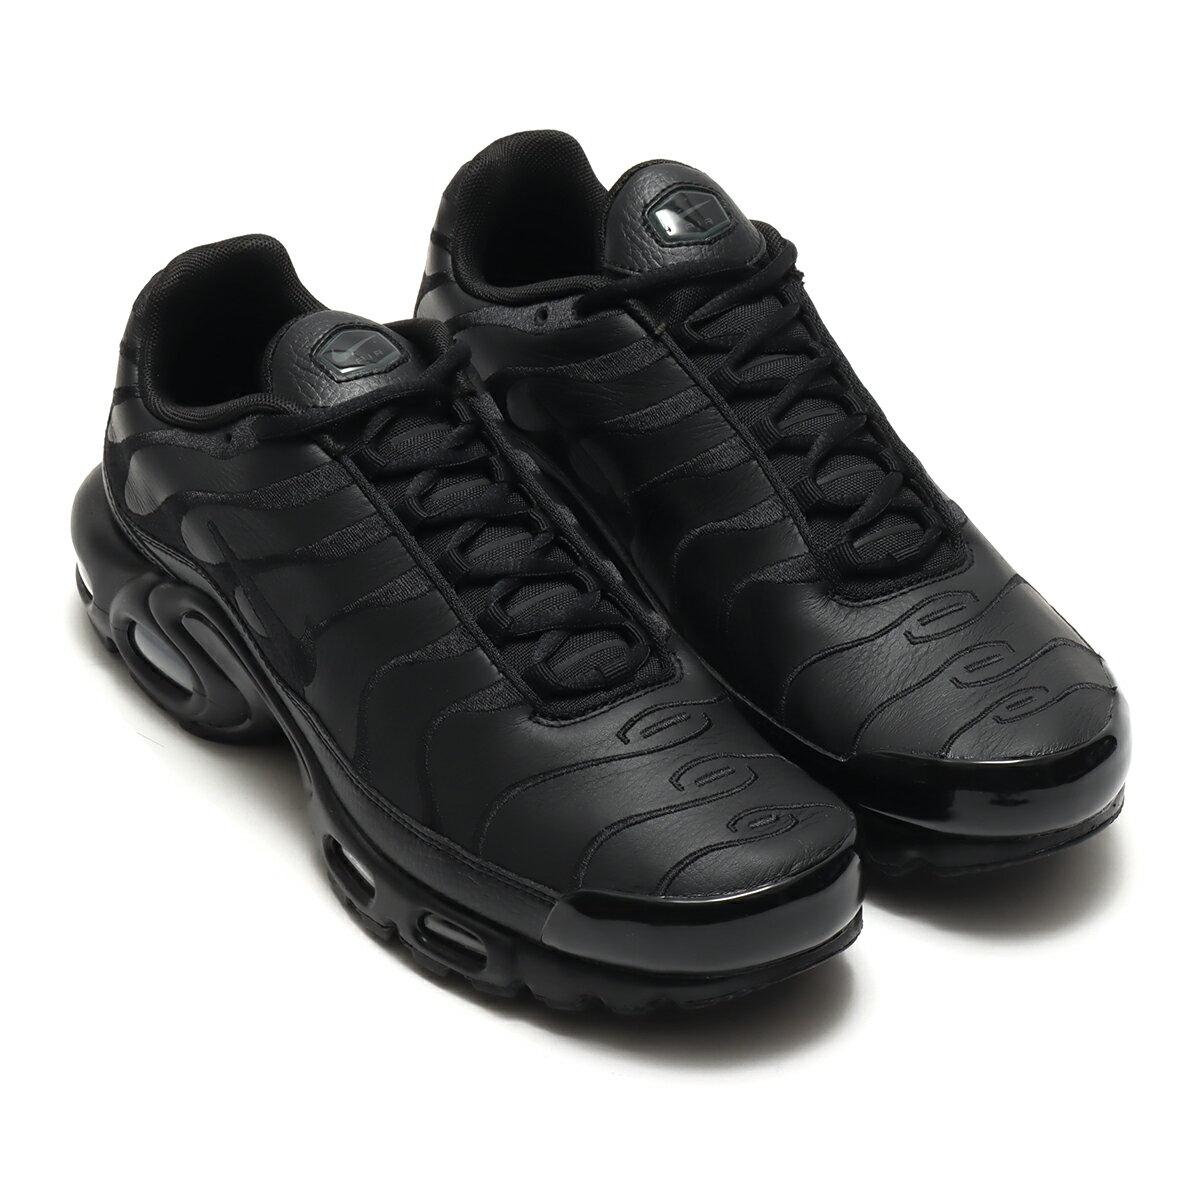 メンズ靴, スニーカー NIKE AIR MAX PLUS( )BLACKBLACK-BLACK 20SP-I